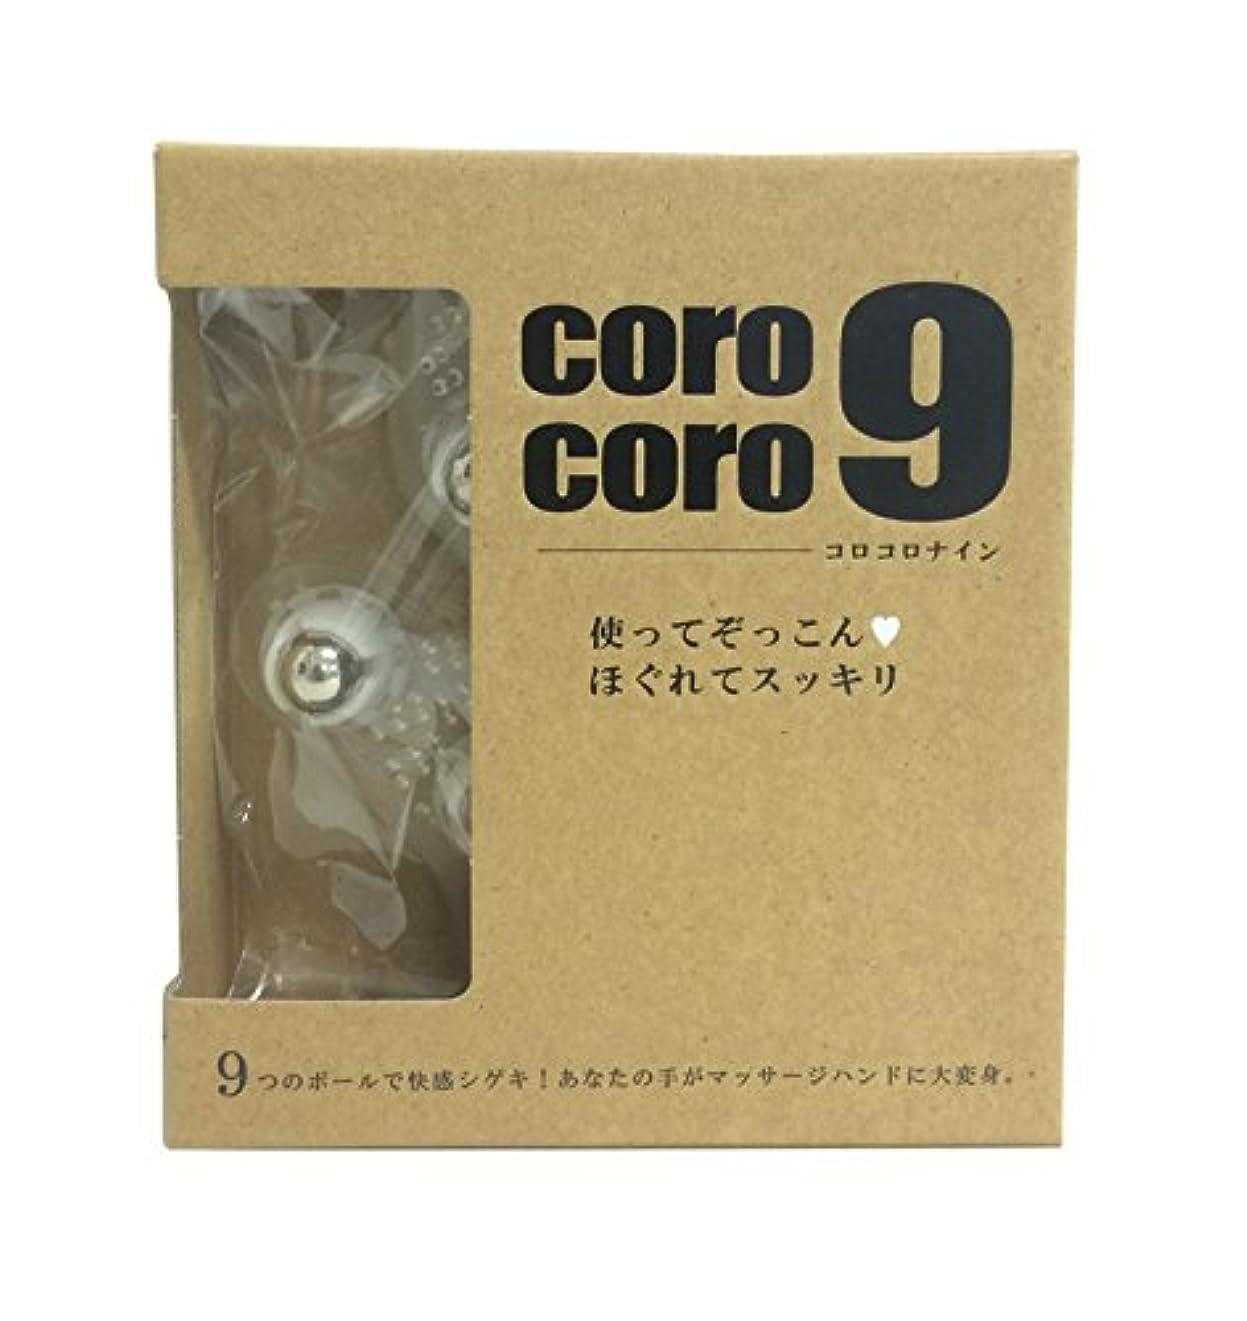 袋改革感じReシリーズ CoroCoro9 クリア